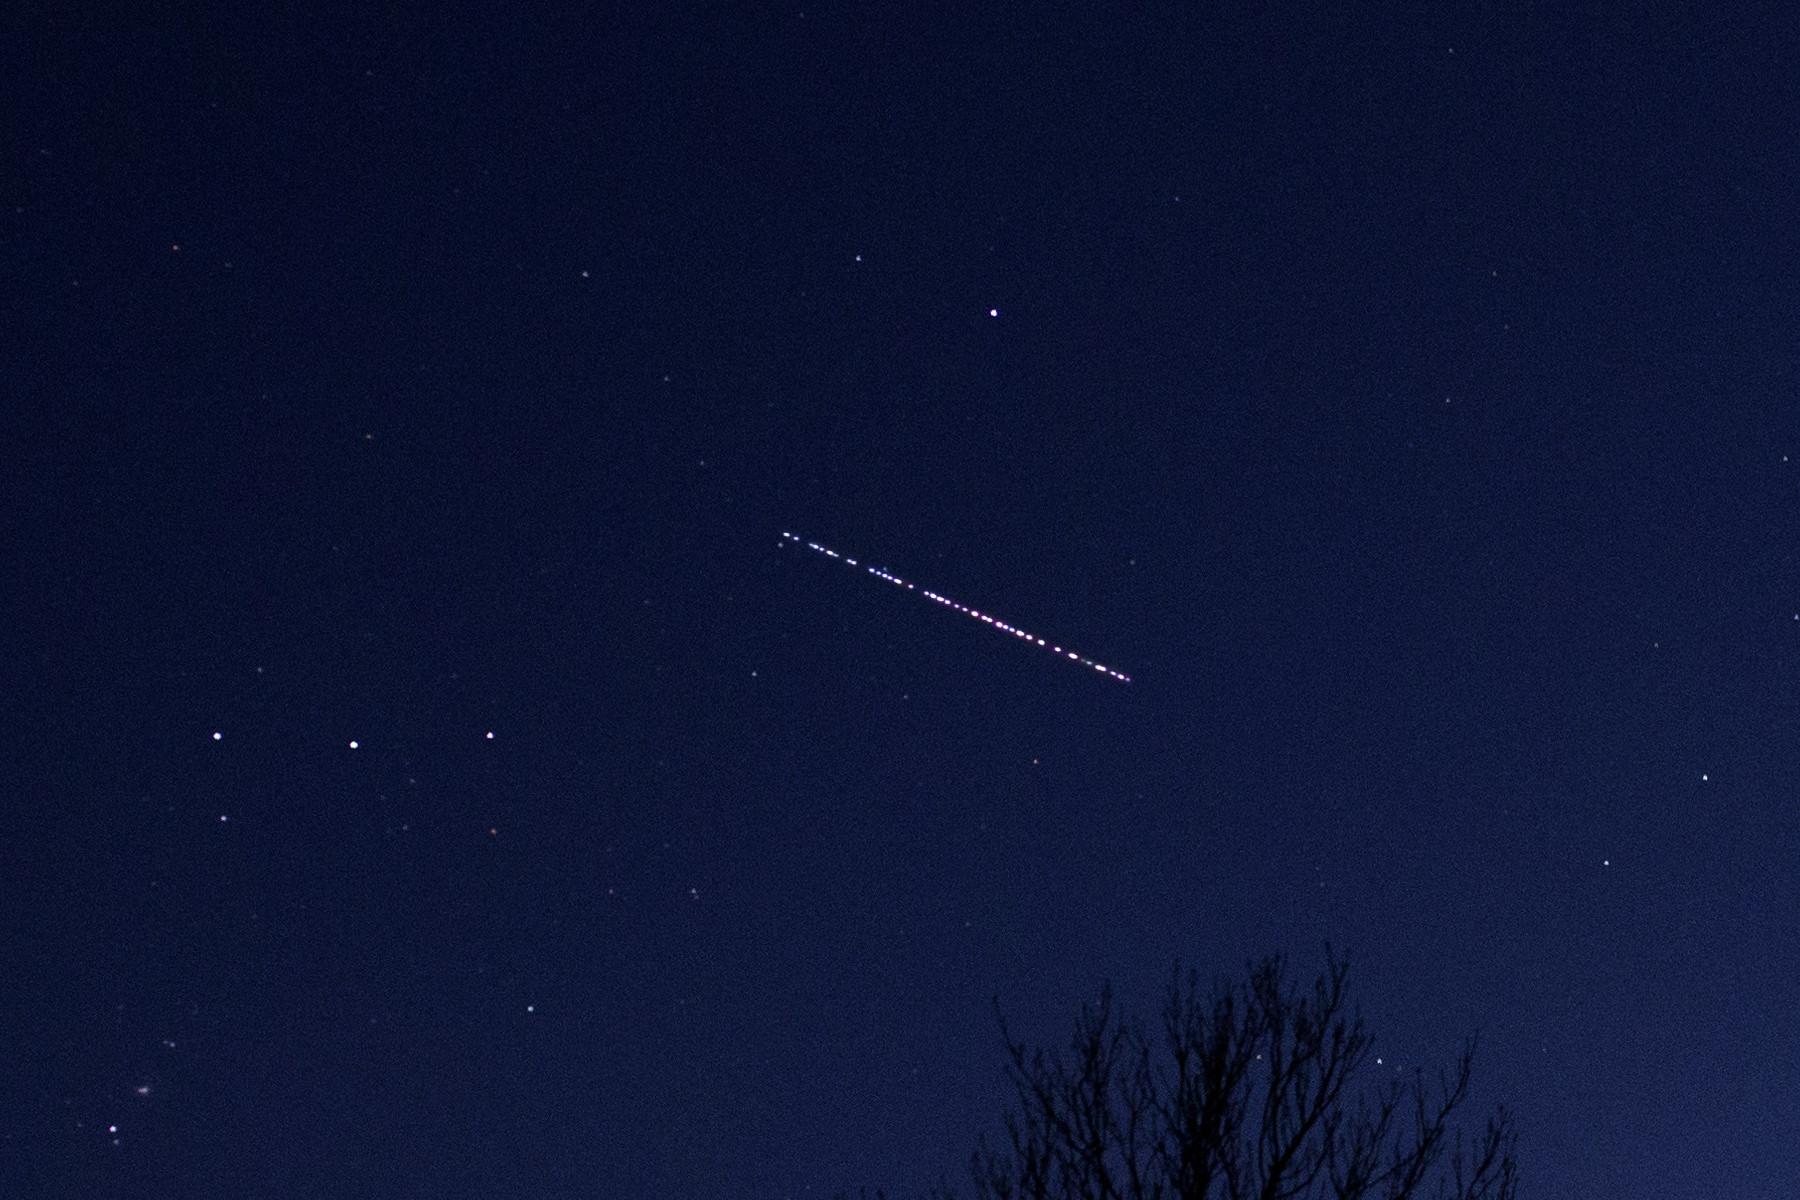 """Der """"Starlink-Train"""": Die Starlink-Satelliten, kurz nachdem sie aus der Trägerrakete entlassen wurden. Aufgenommen von Martin Gembec."""